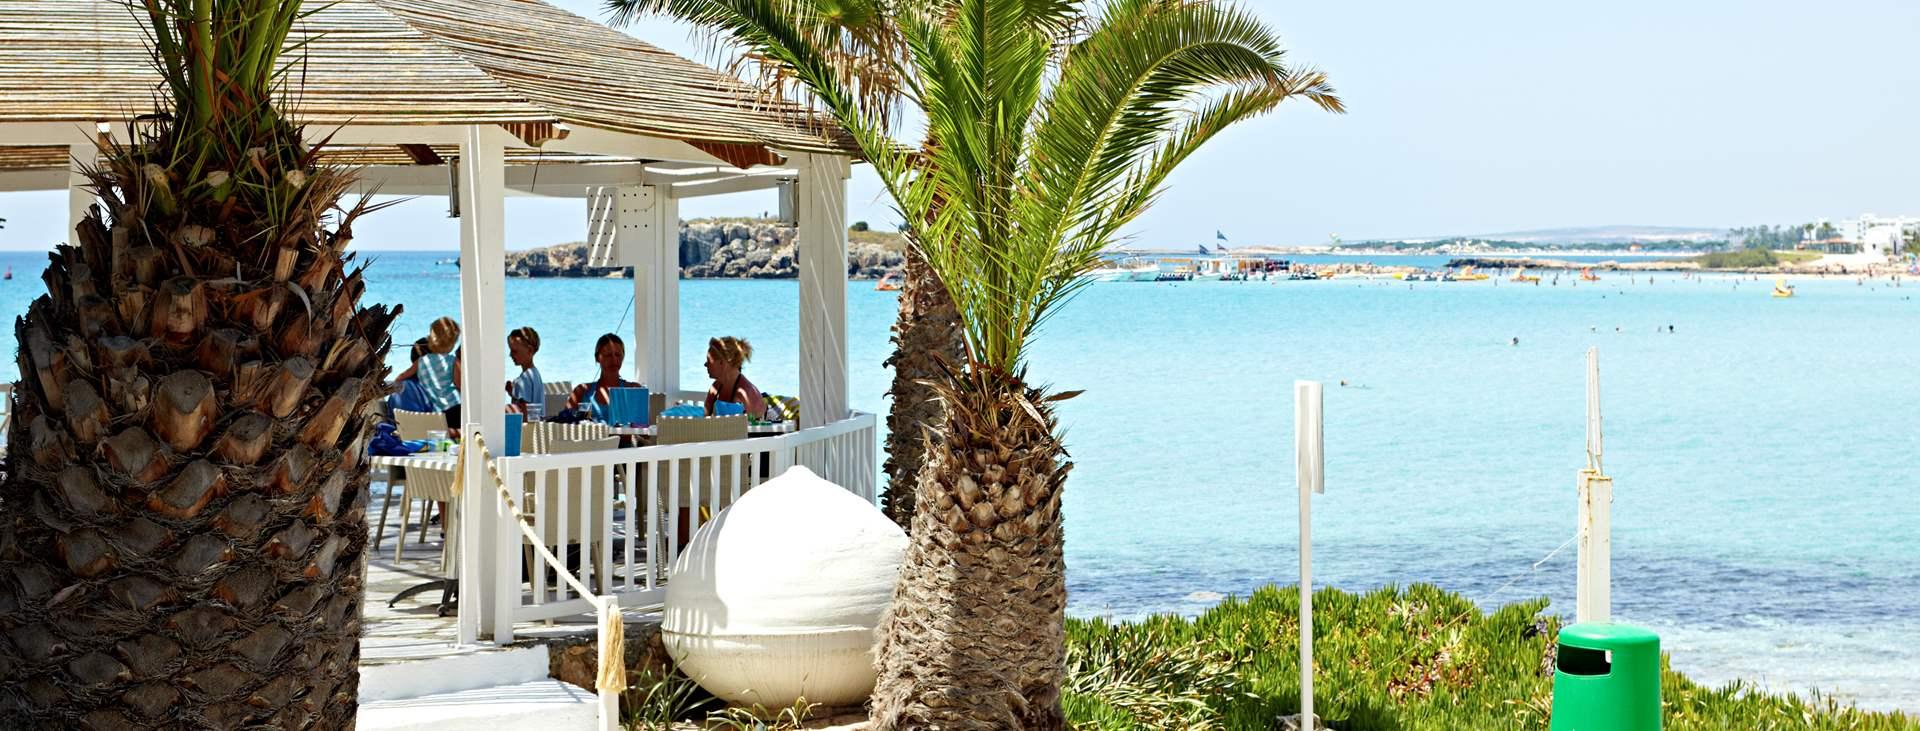 Bestill en reise til Ayia Napa på Kypros med Ving